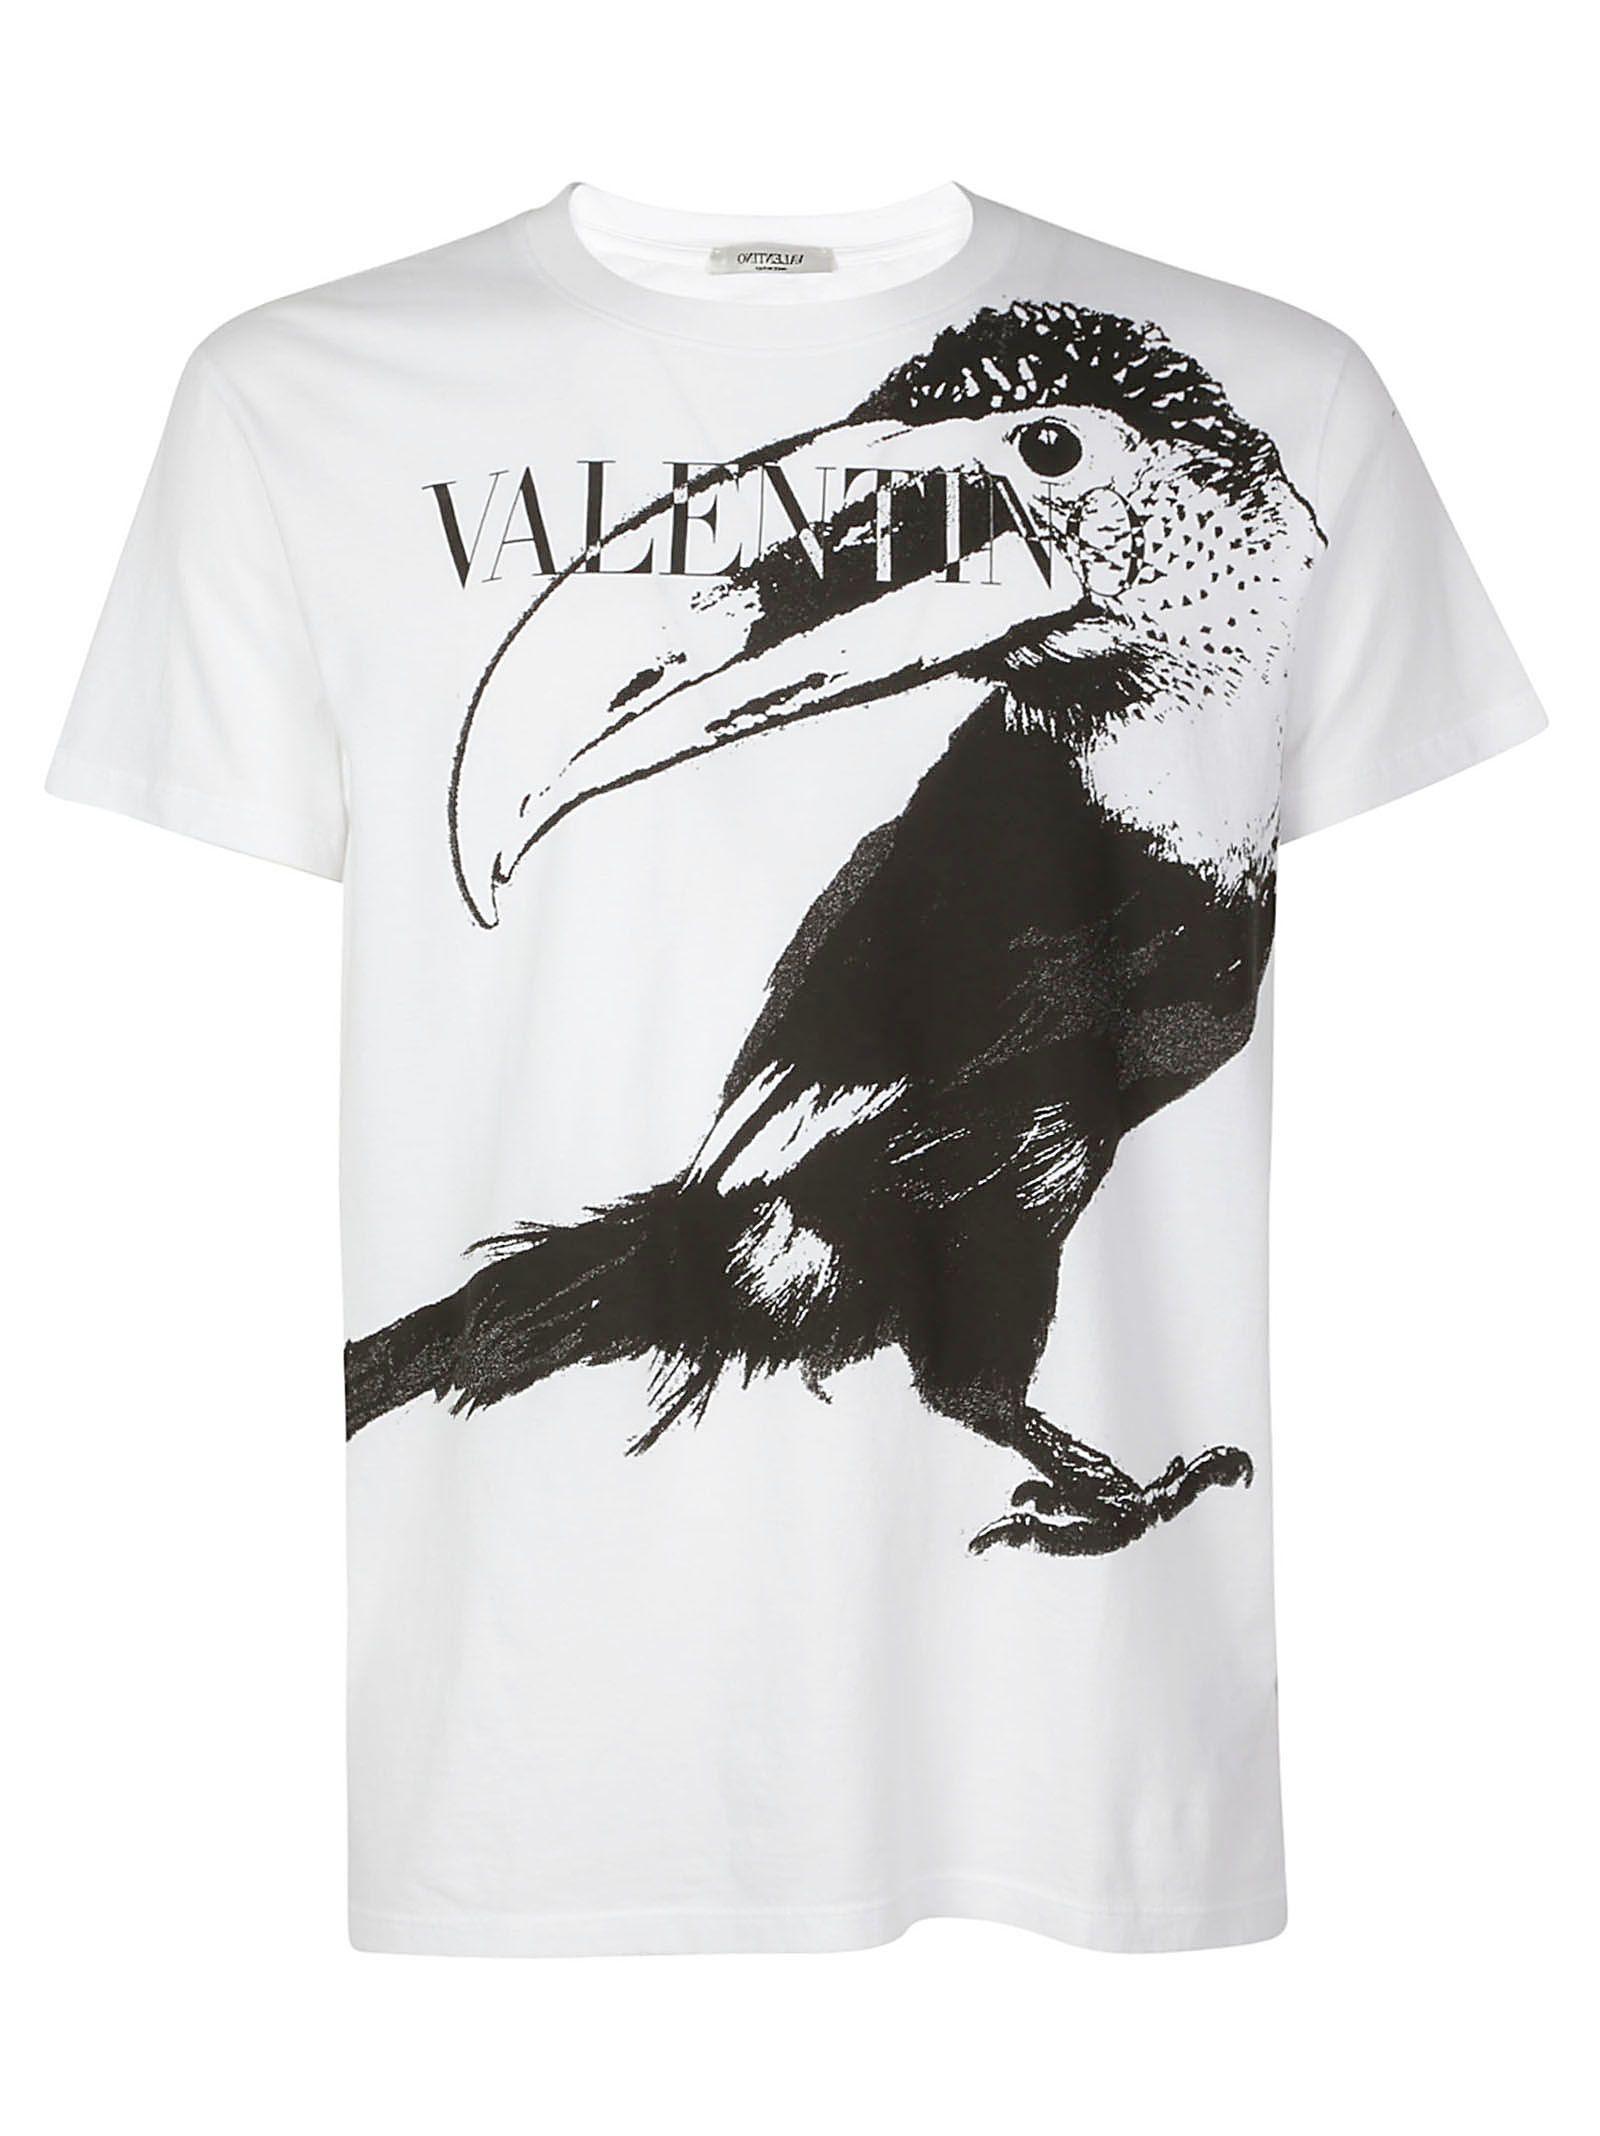 406ec472 Valentino Valentino T-shirt - Bianco - 10791821 | italist